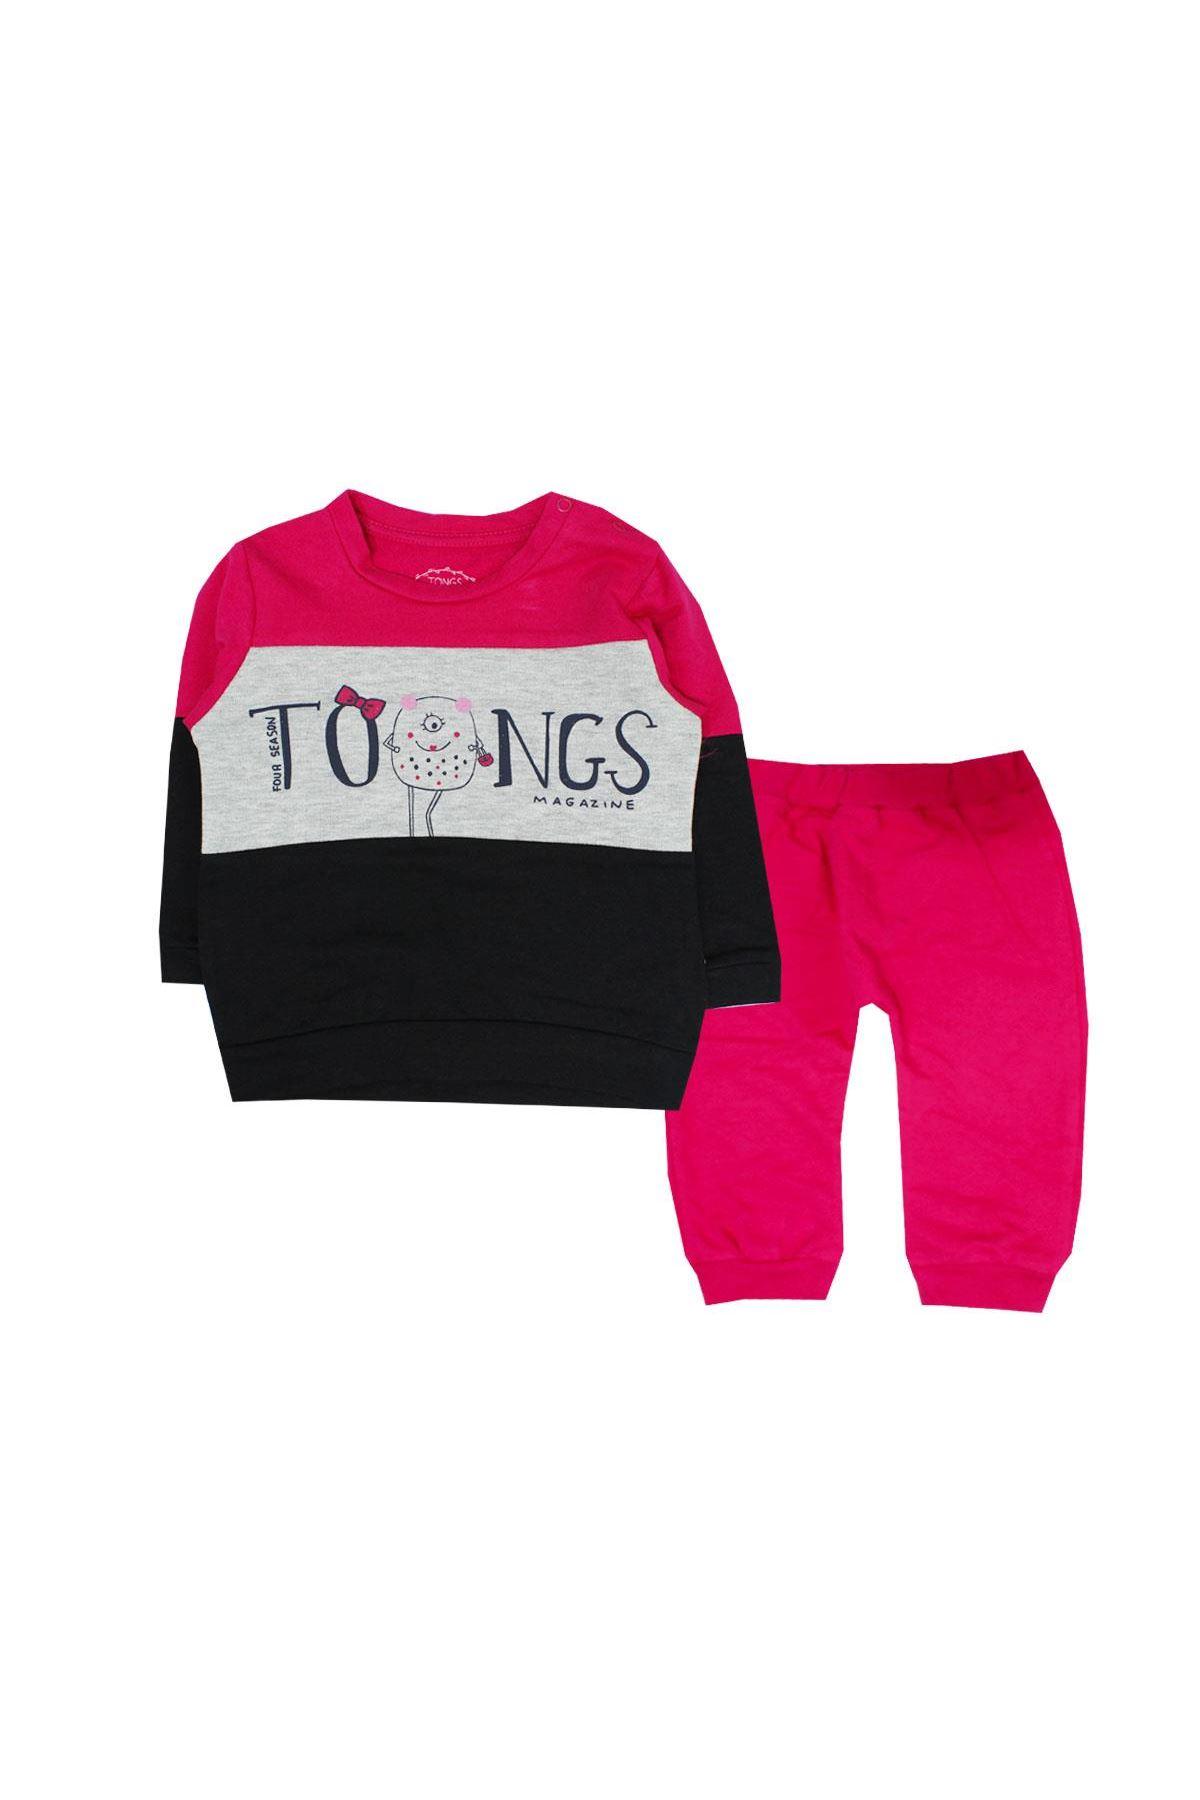 Tongs Baby 2li Bebe Takım 2638 Fuşya